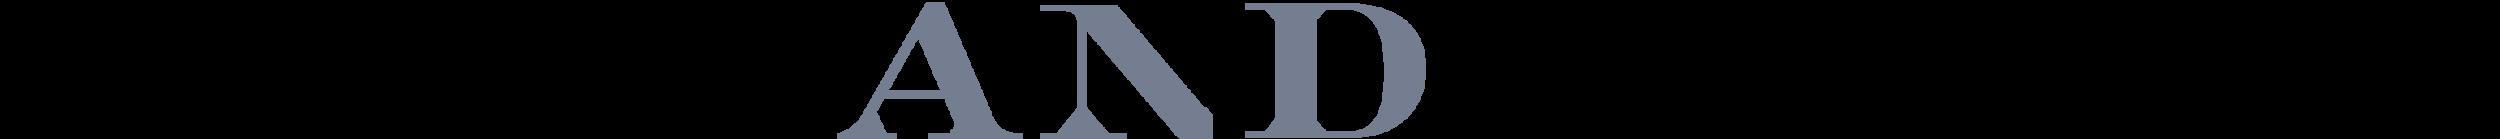 pp-logo-5.png